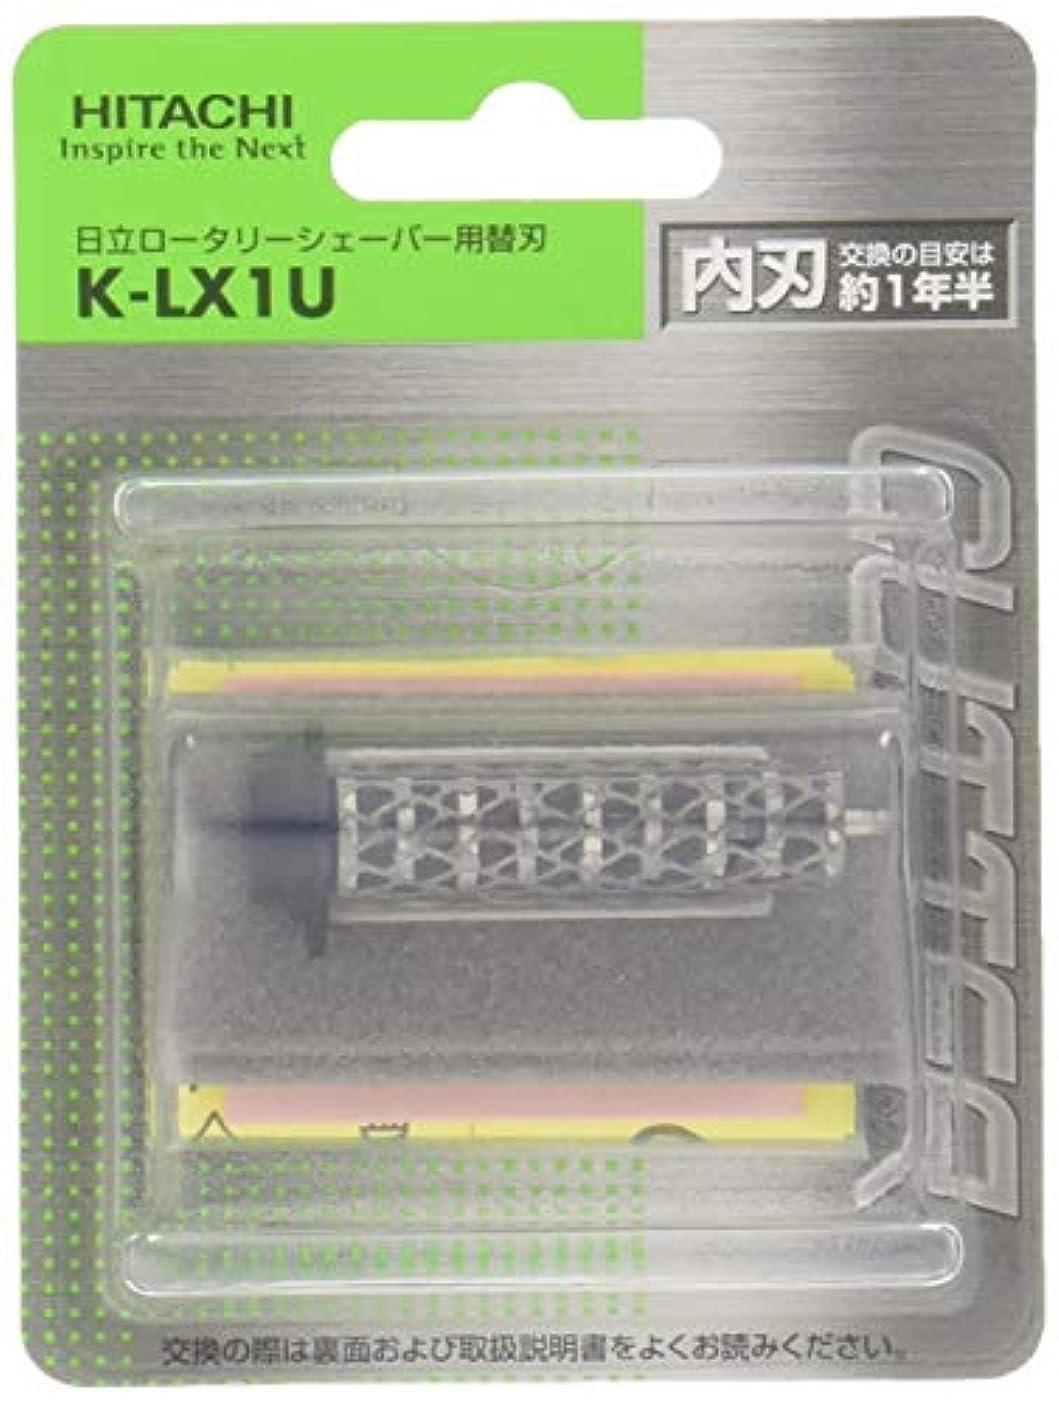 暗殺者収束する登録する日立 シェーバー用替刃(内刃) K-LX1U